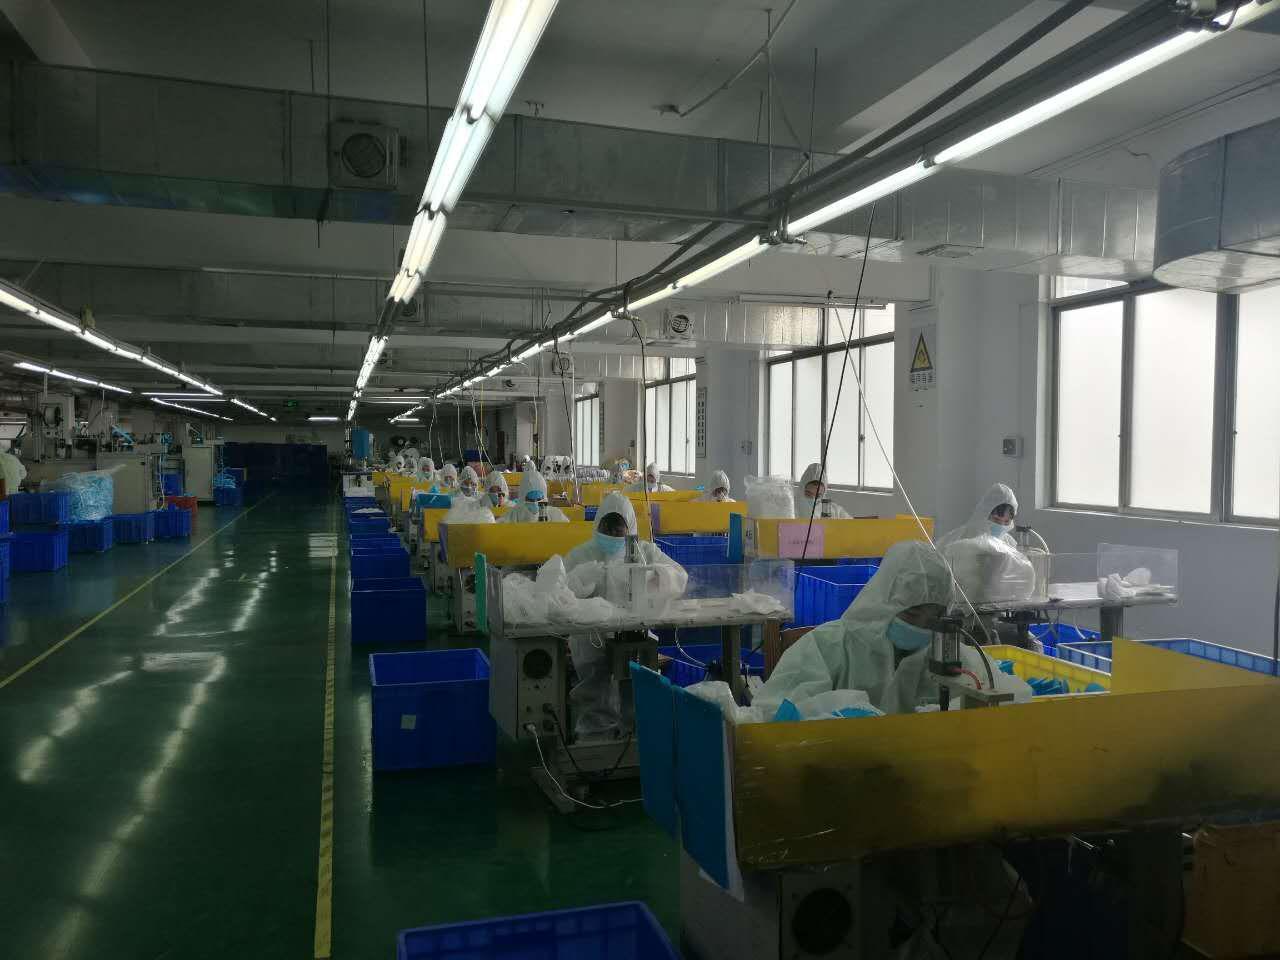 http://www.shangoudaohang.com/zhifu/284057.html